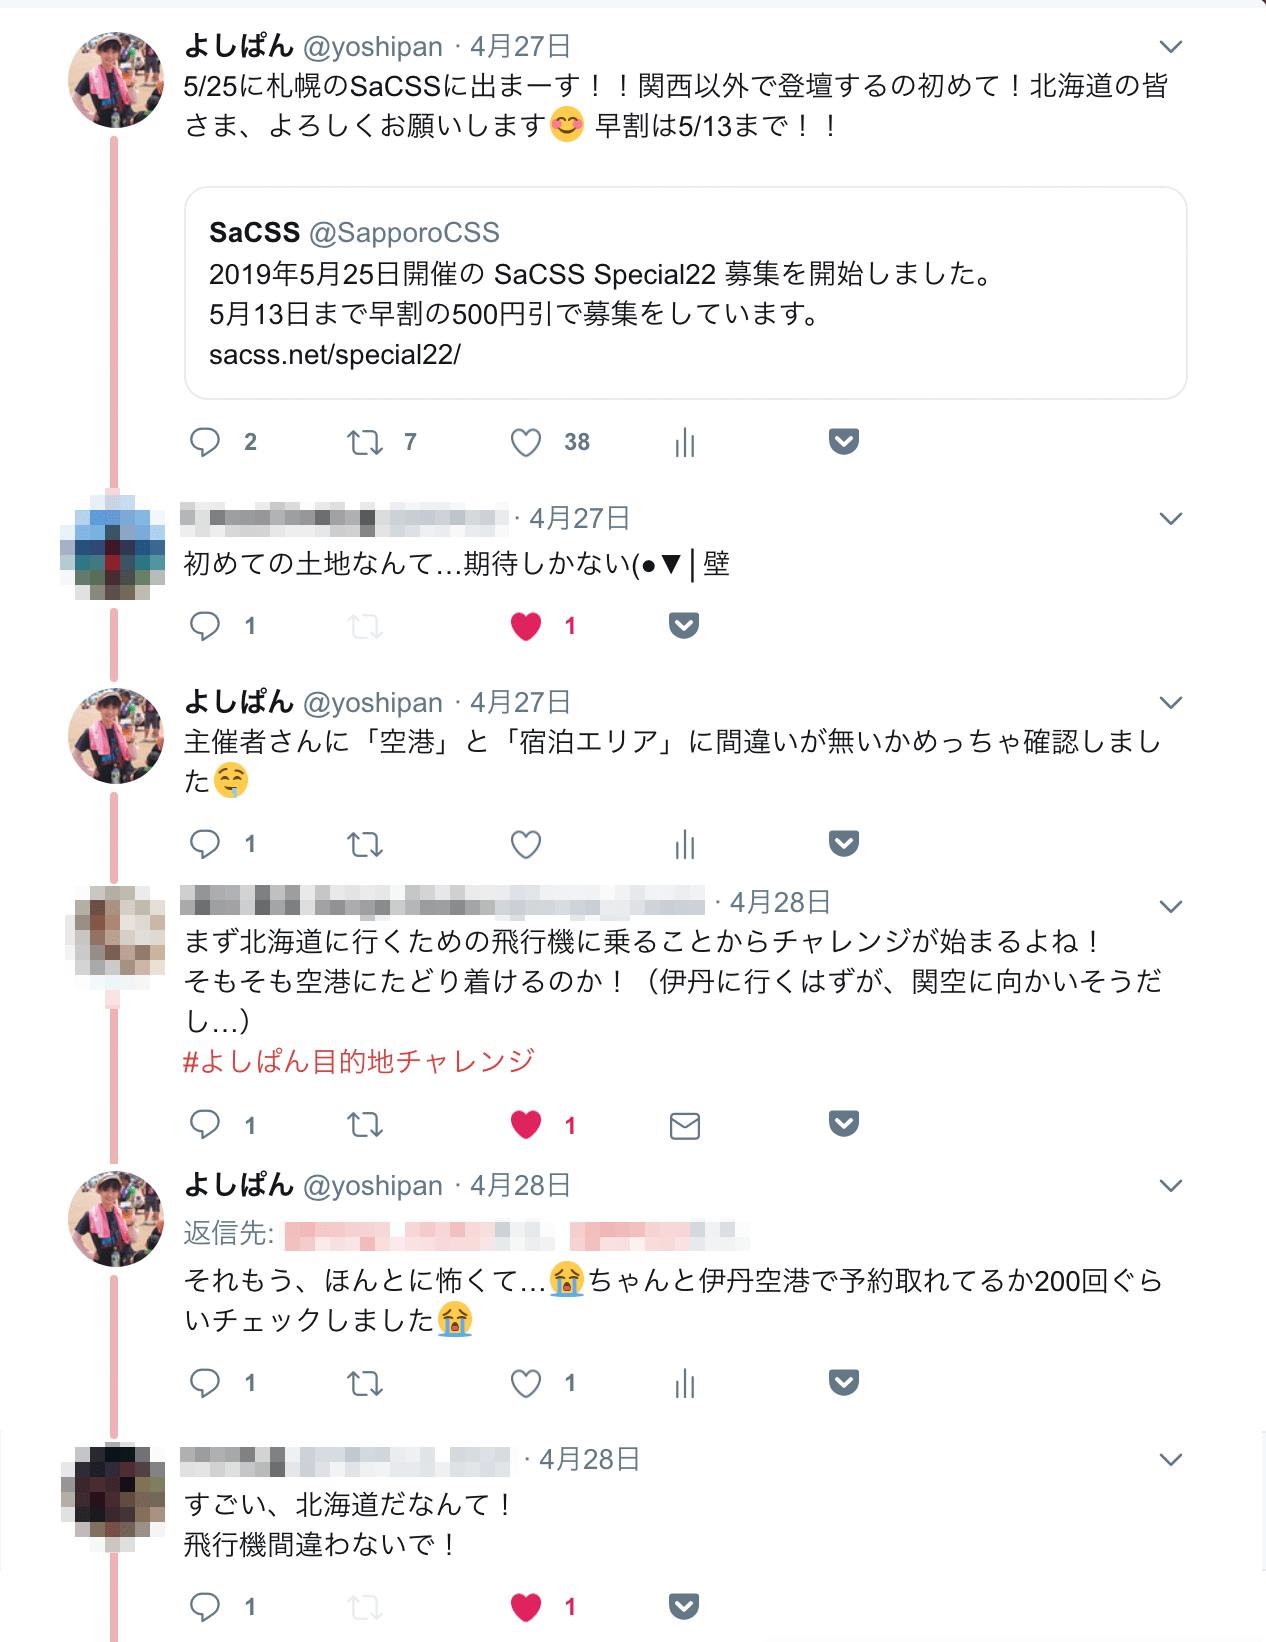 よしぱんのTwitterタイムライン